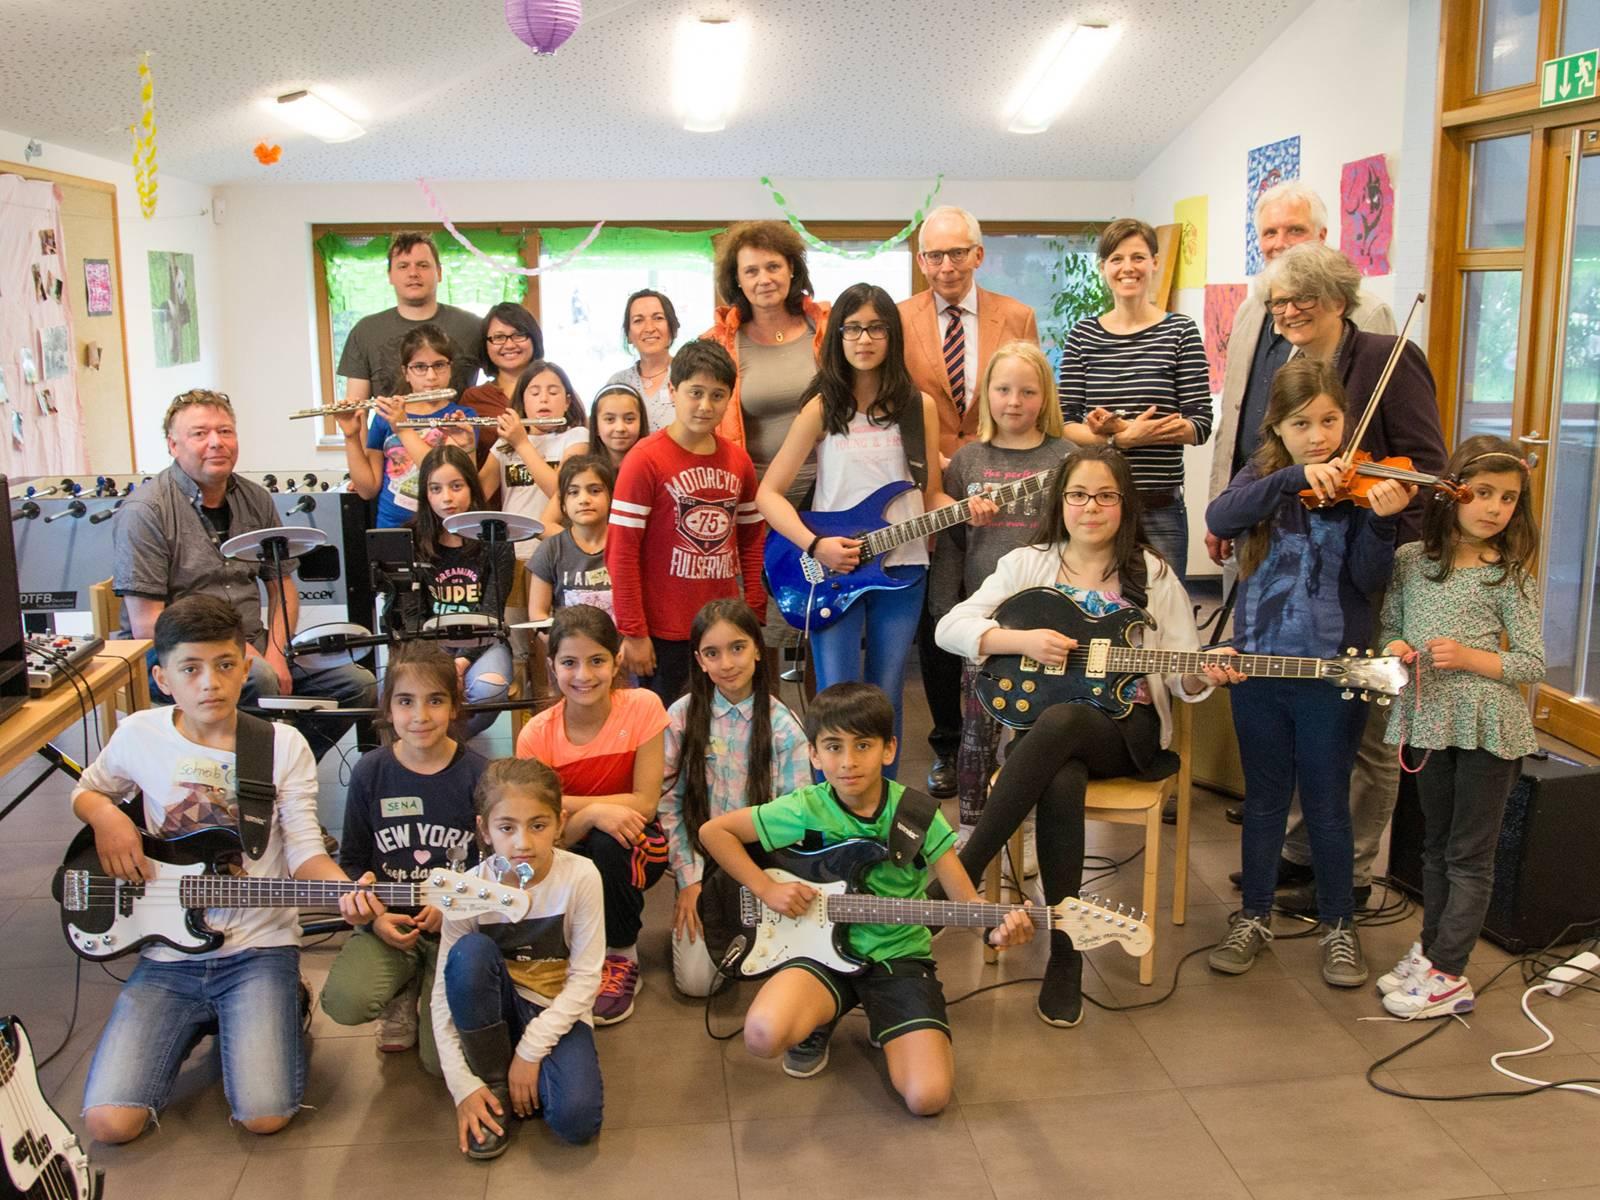 Eine größere Gruppe Kinder sowie einige Erwachsene in einem Raum voller Musikinstrumente